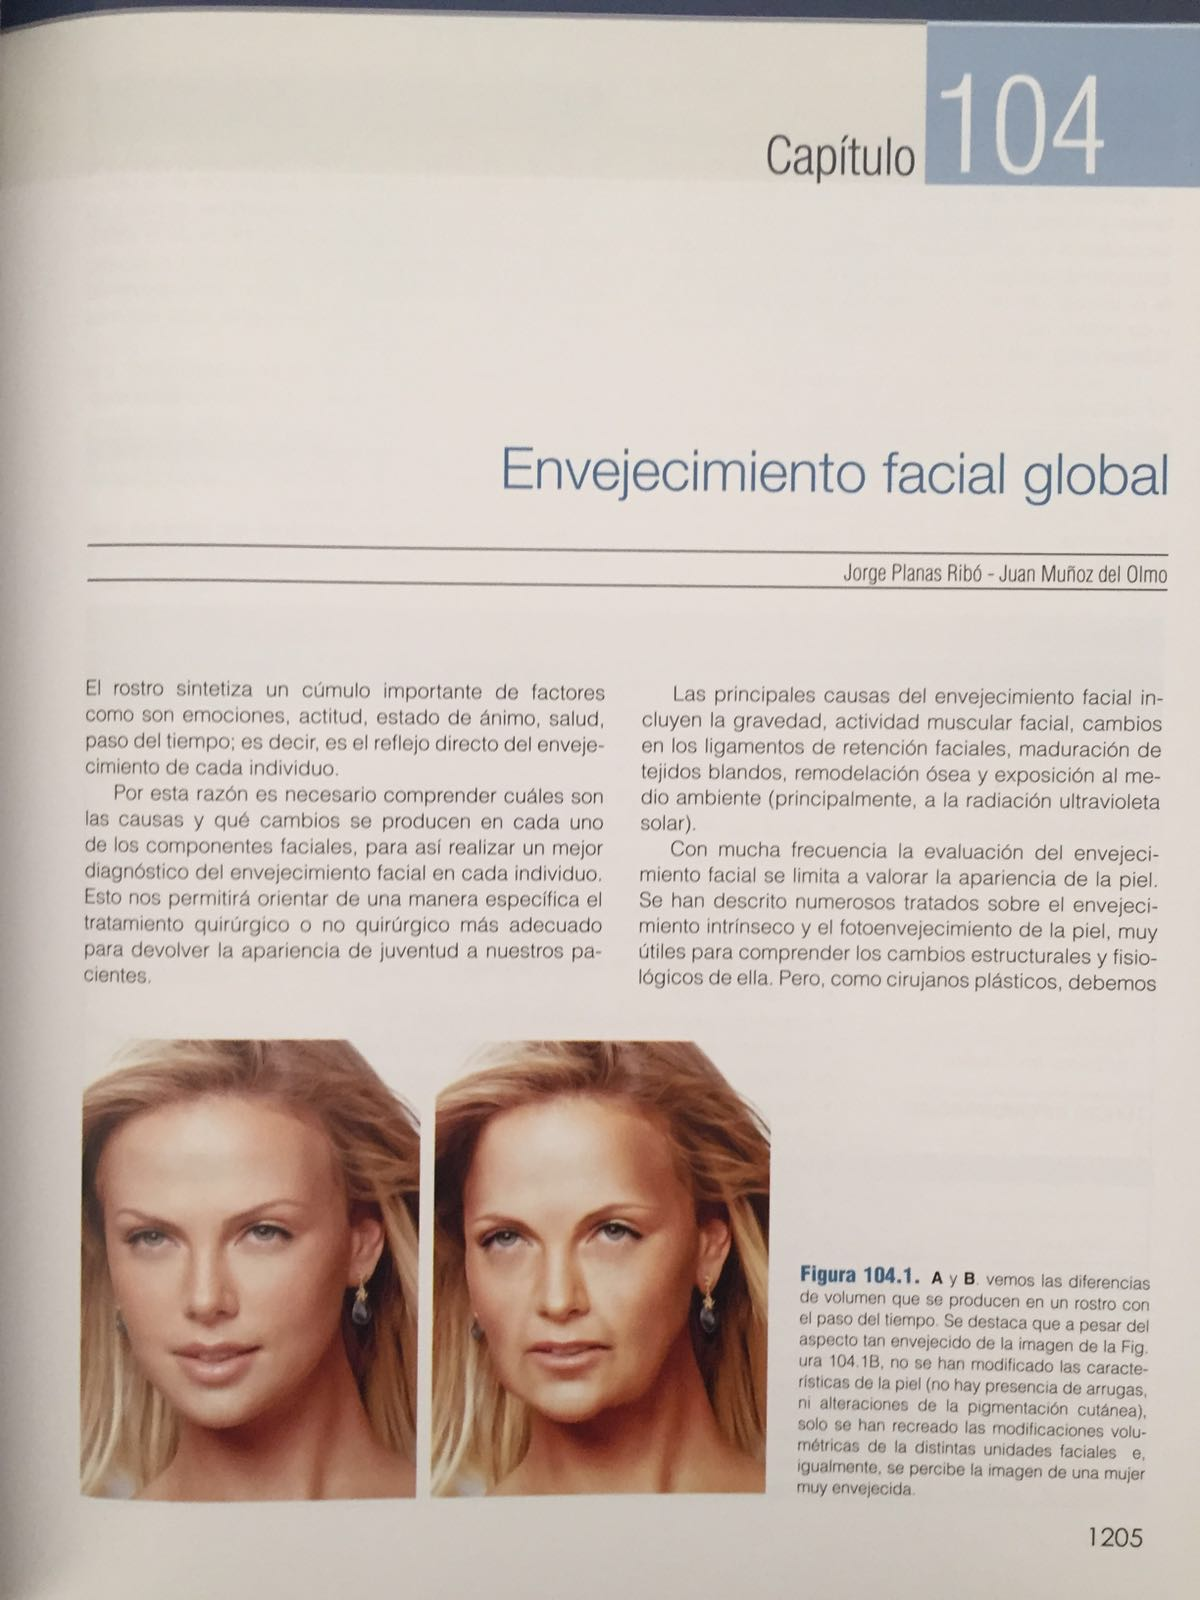 capítulo envejecimiento facial global, coiffman-1